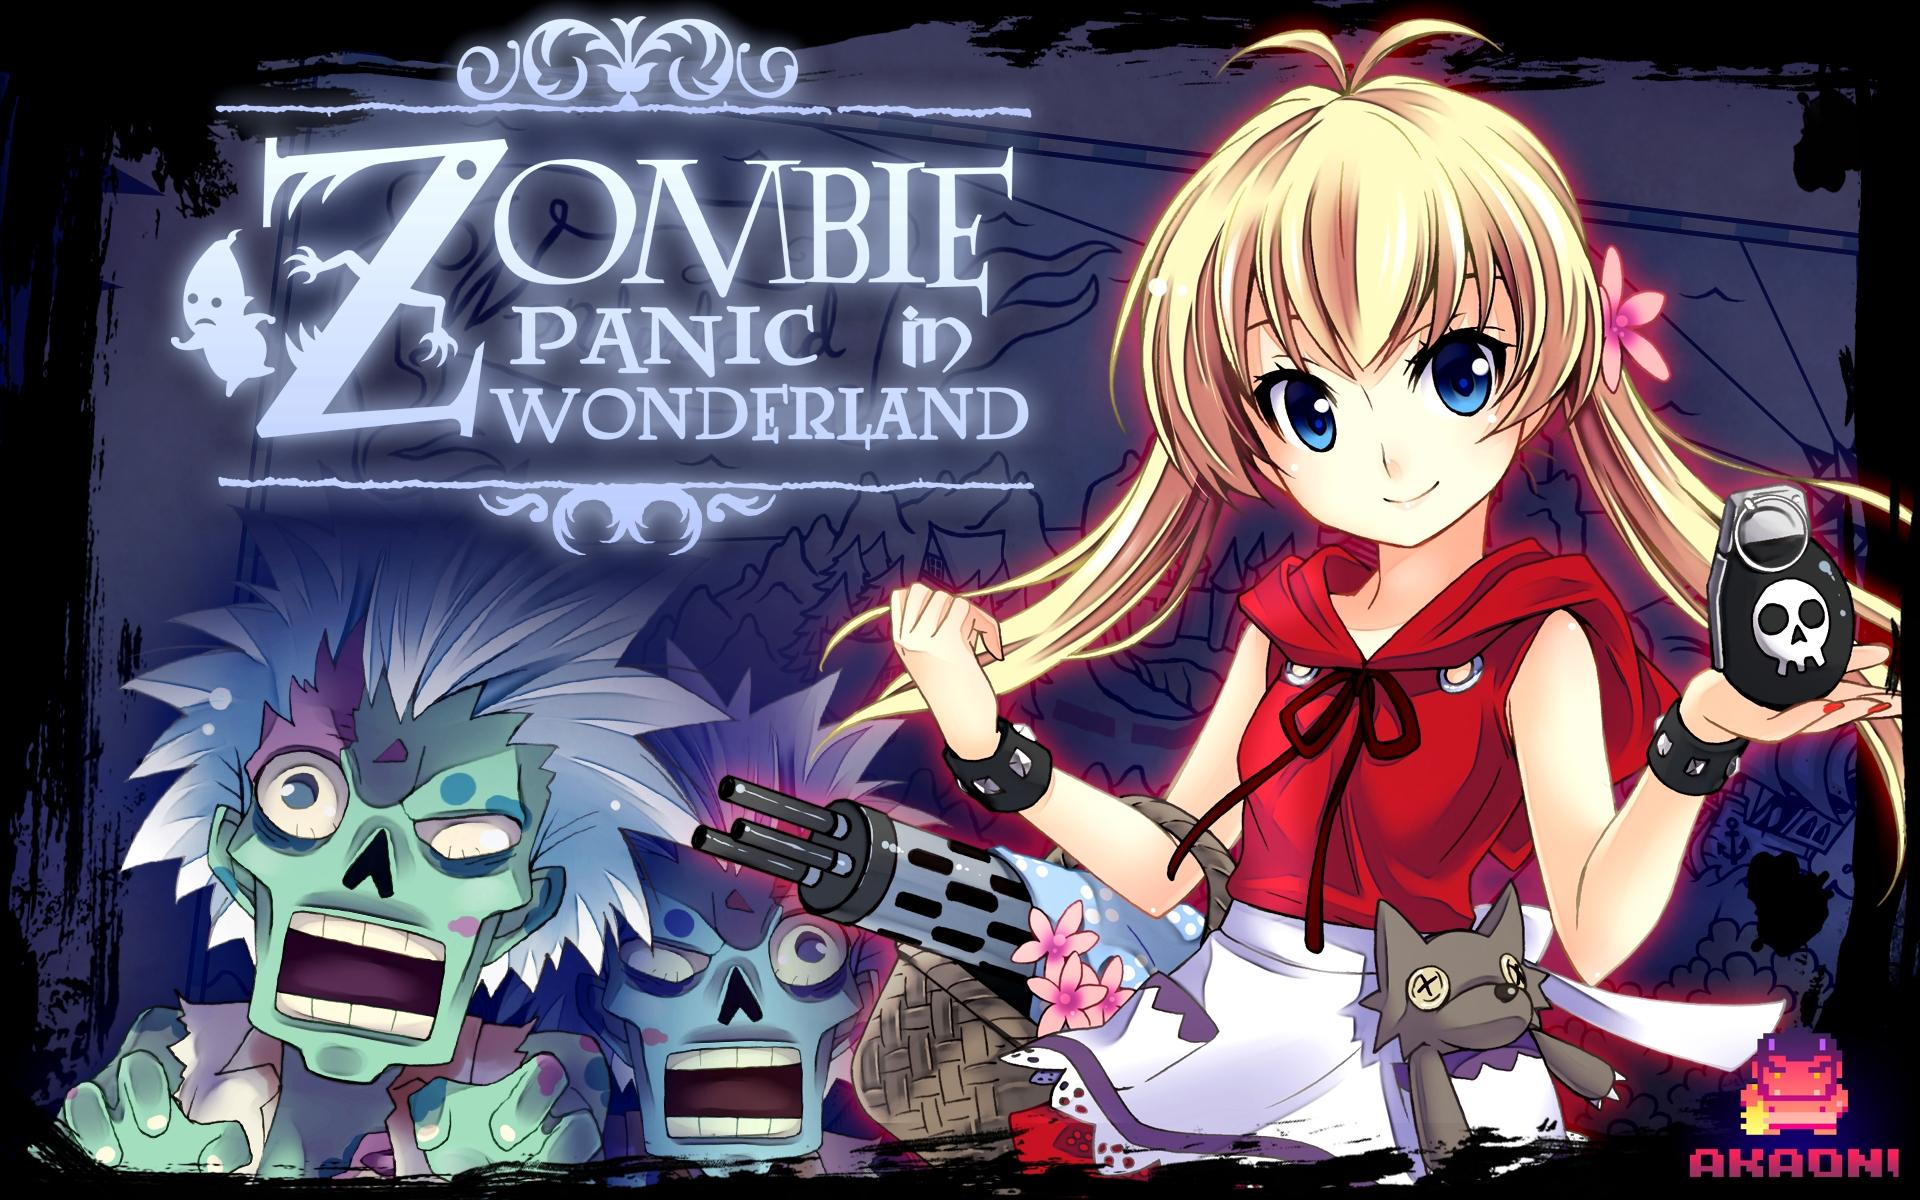 Zombie Anime